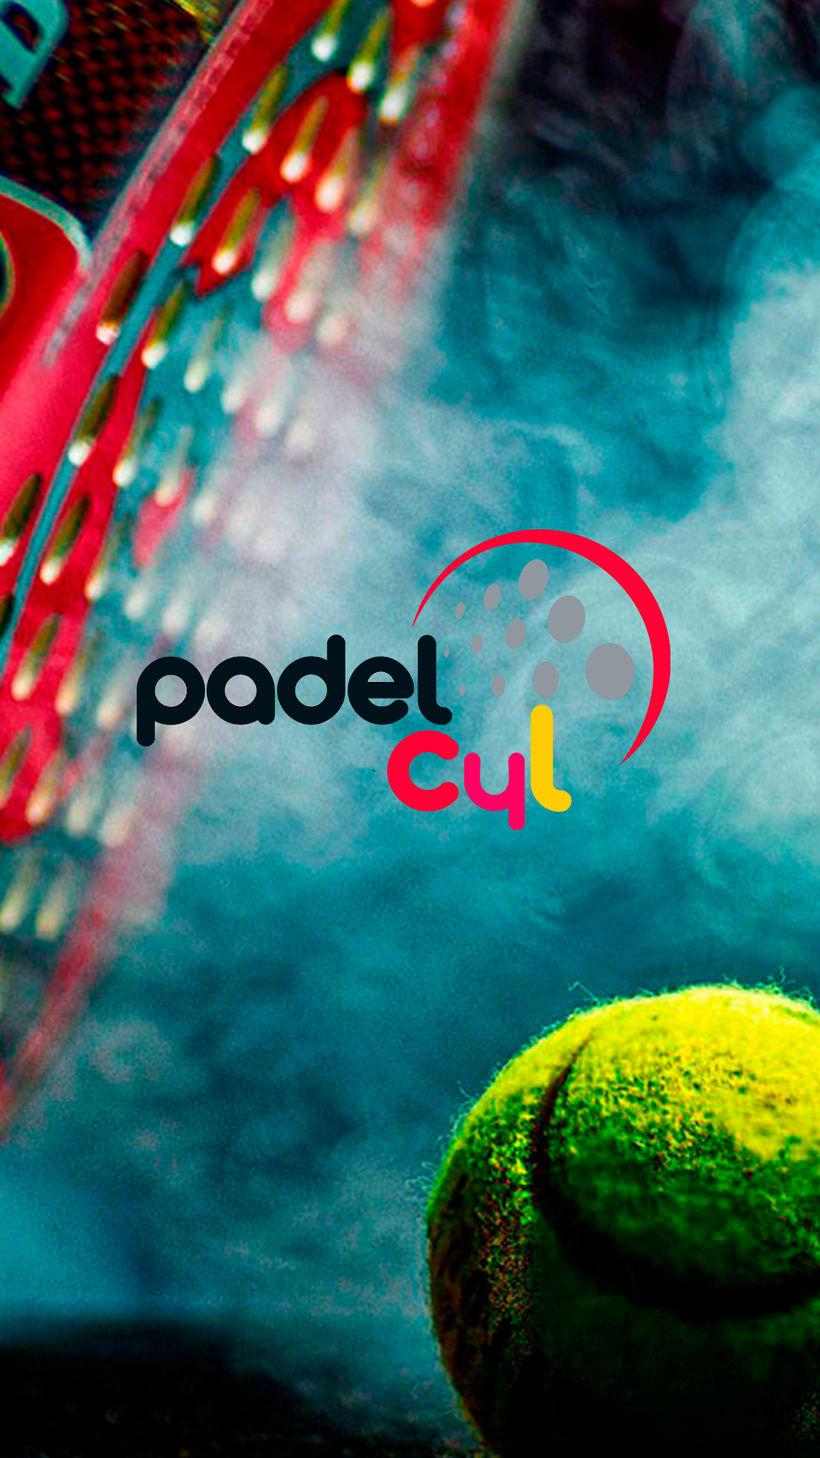 Liga Autonómica de Pádel (LAP) de Castilla y León 3